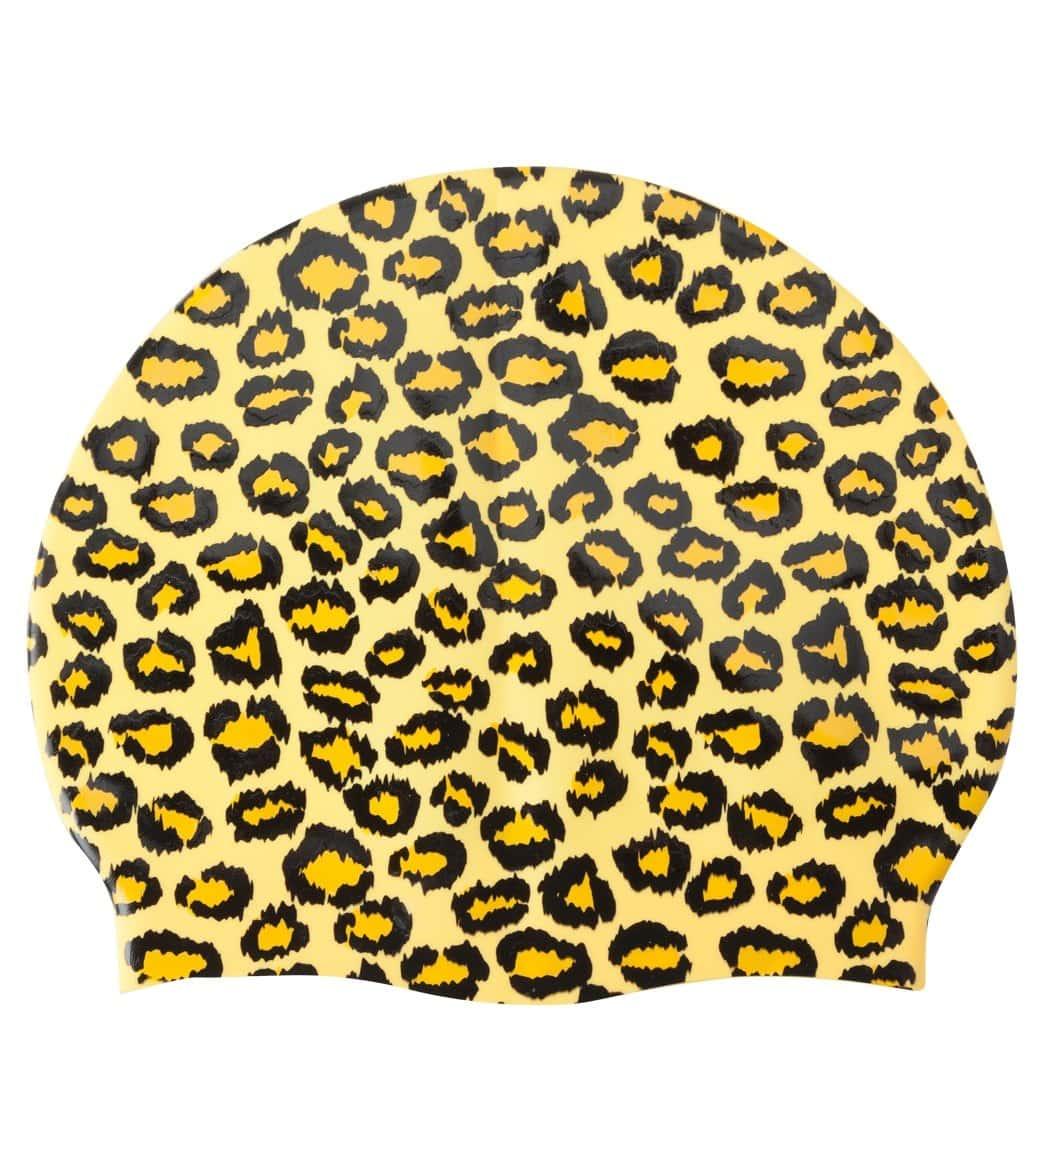 Sporti Cheetah Print Silicone Swim Cap at SwimOutlet.com f3019dc41bfa